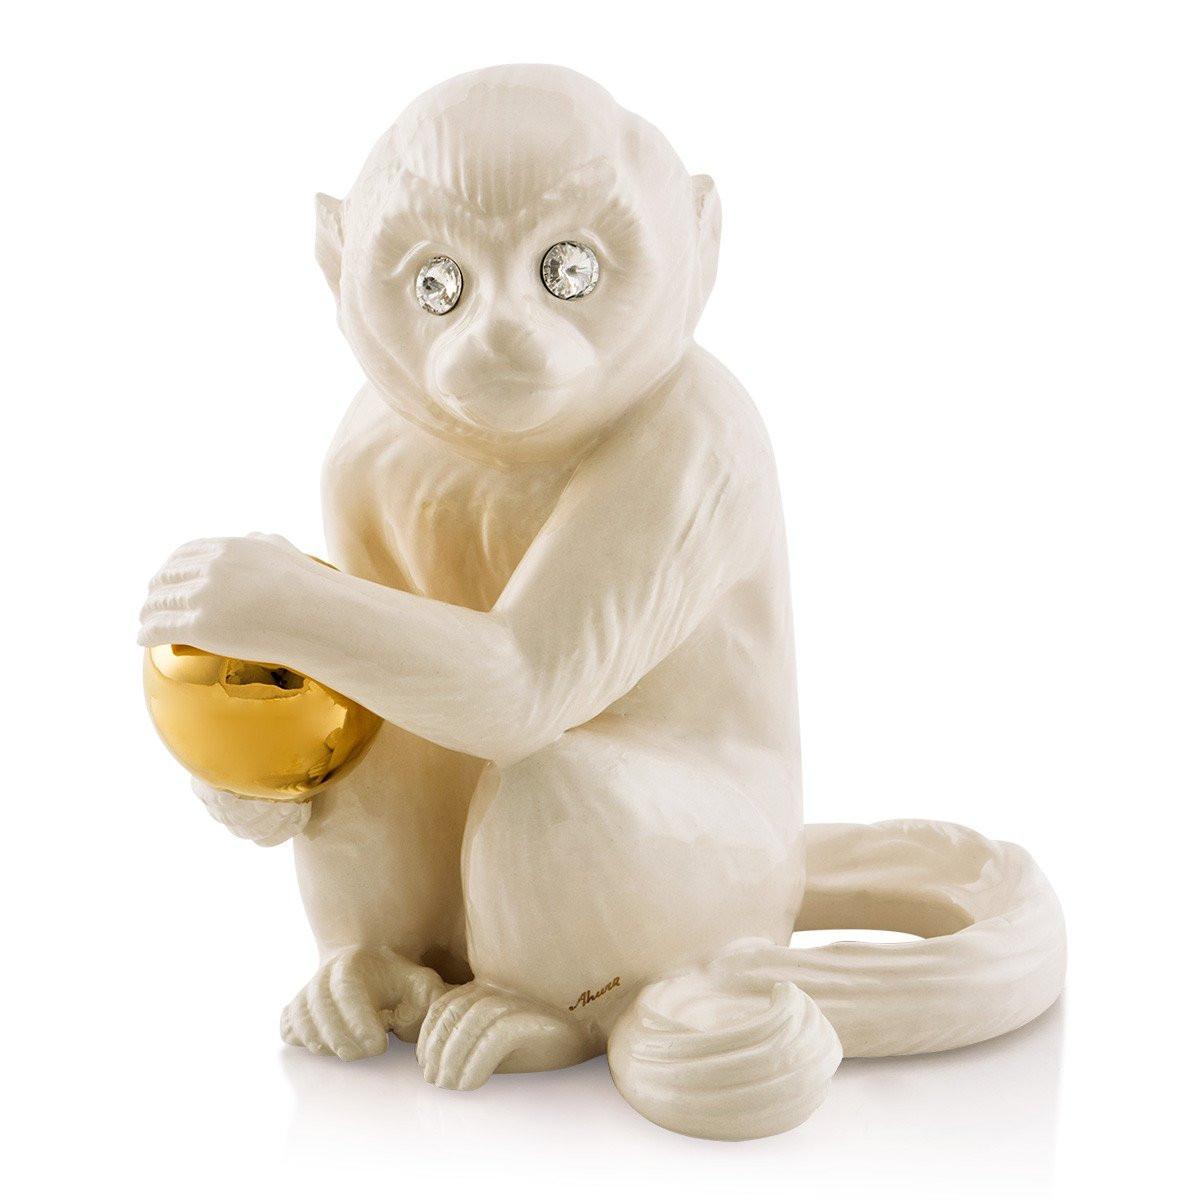 Скульптура Обезьяна с золотым мячом. Ручная работа,Италия